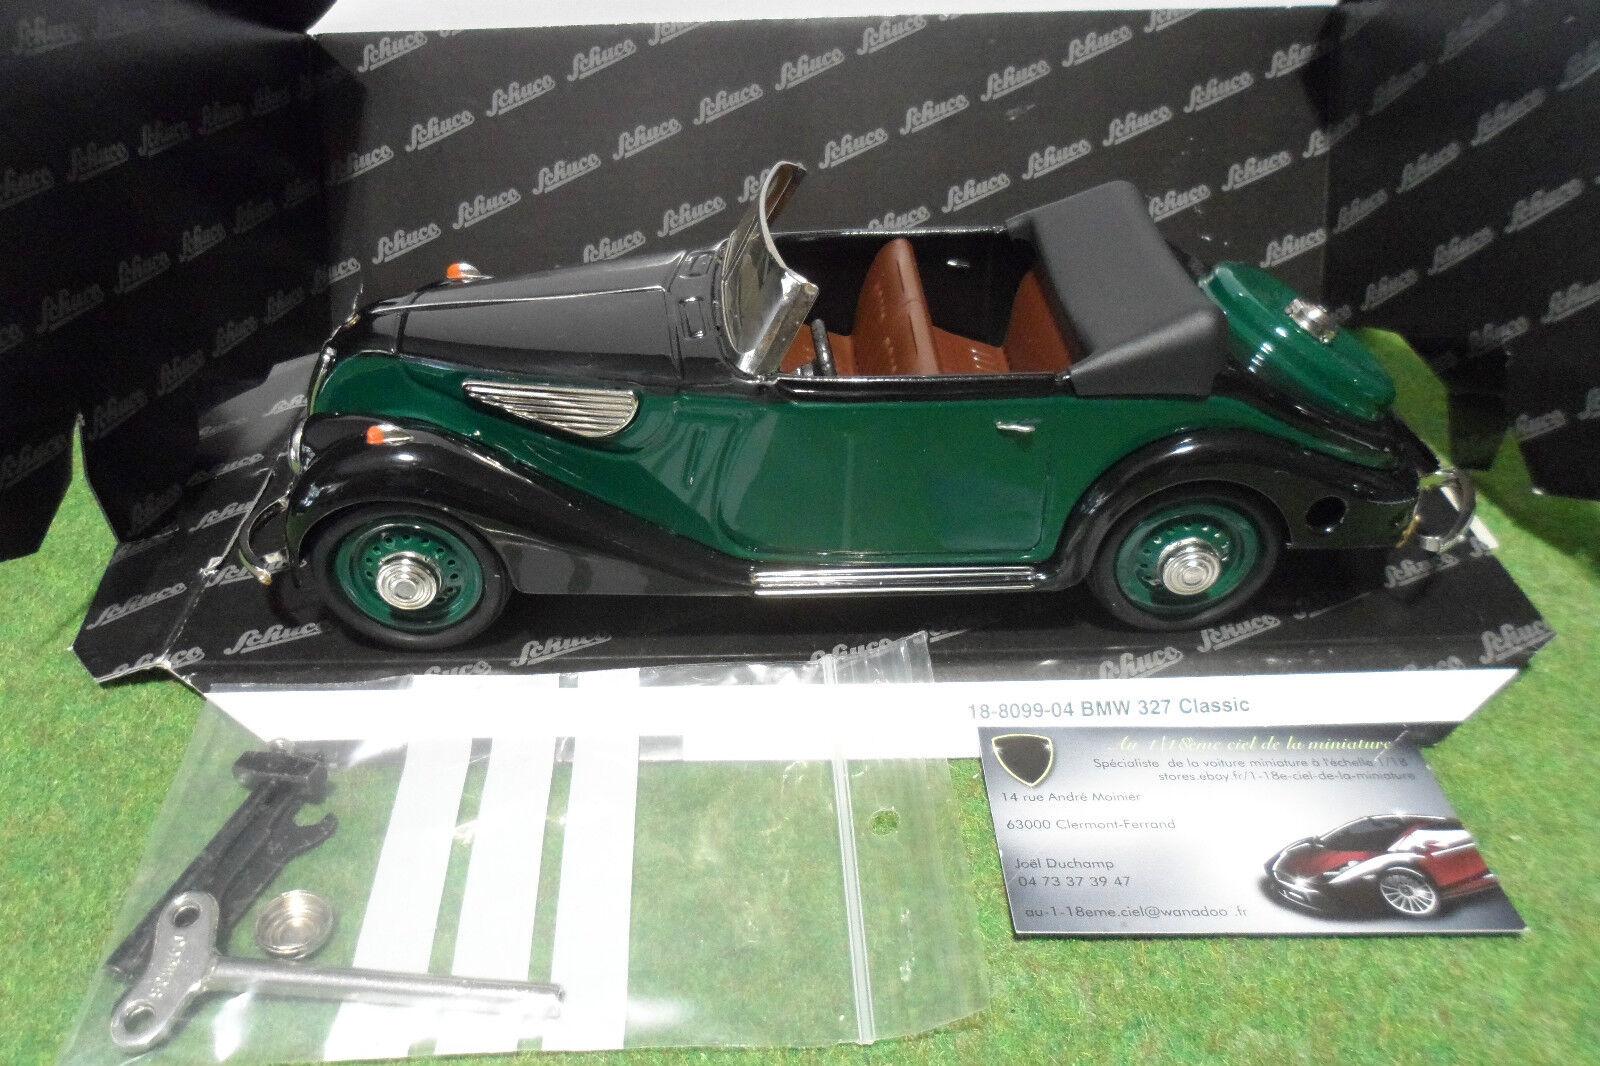 BMW 327 Cabriolet CLASSIC vert au 1  18 de SCHUCO 00012 18-8099-04 voiture à clef  remise